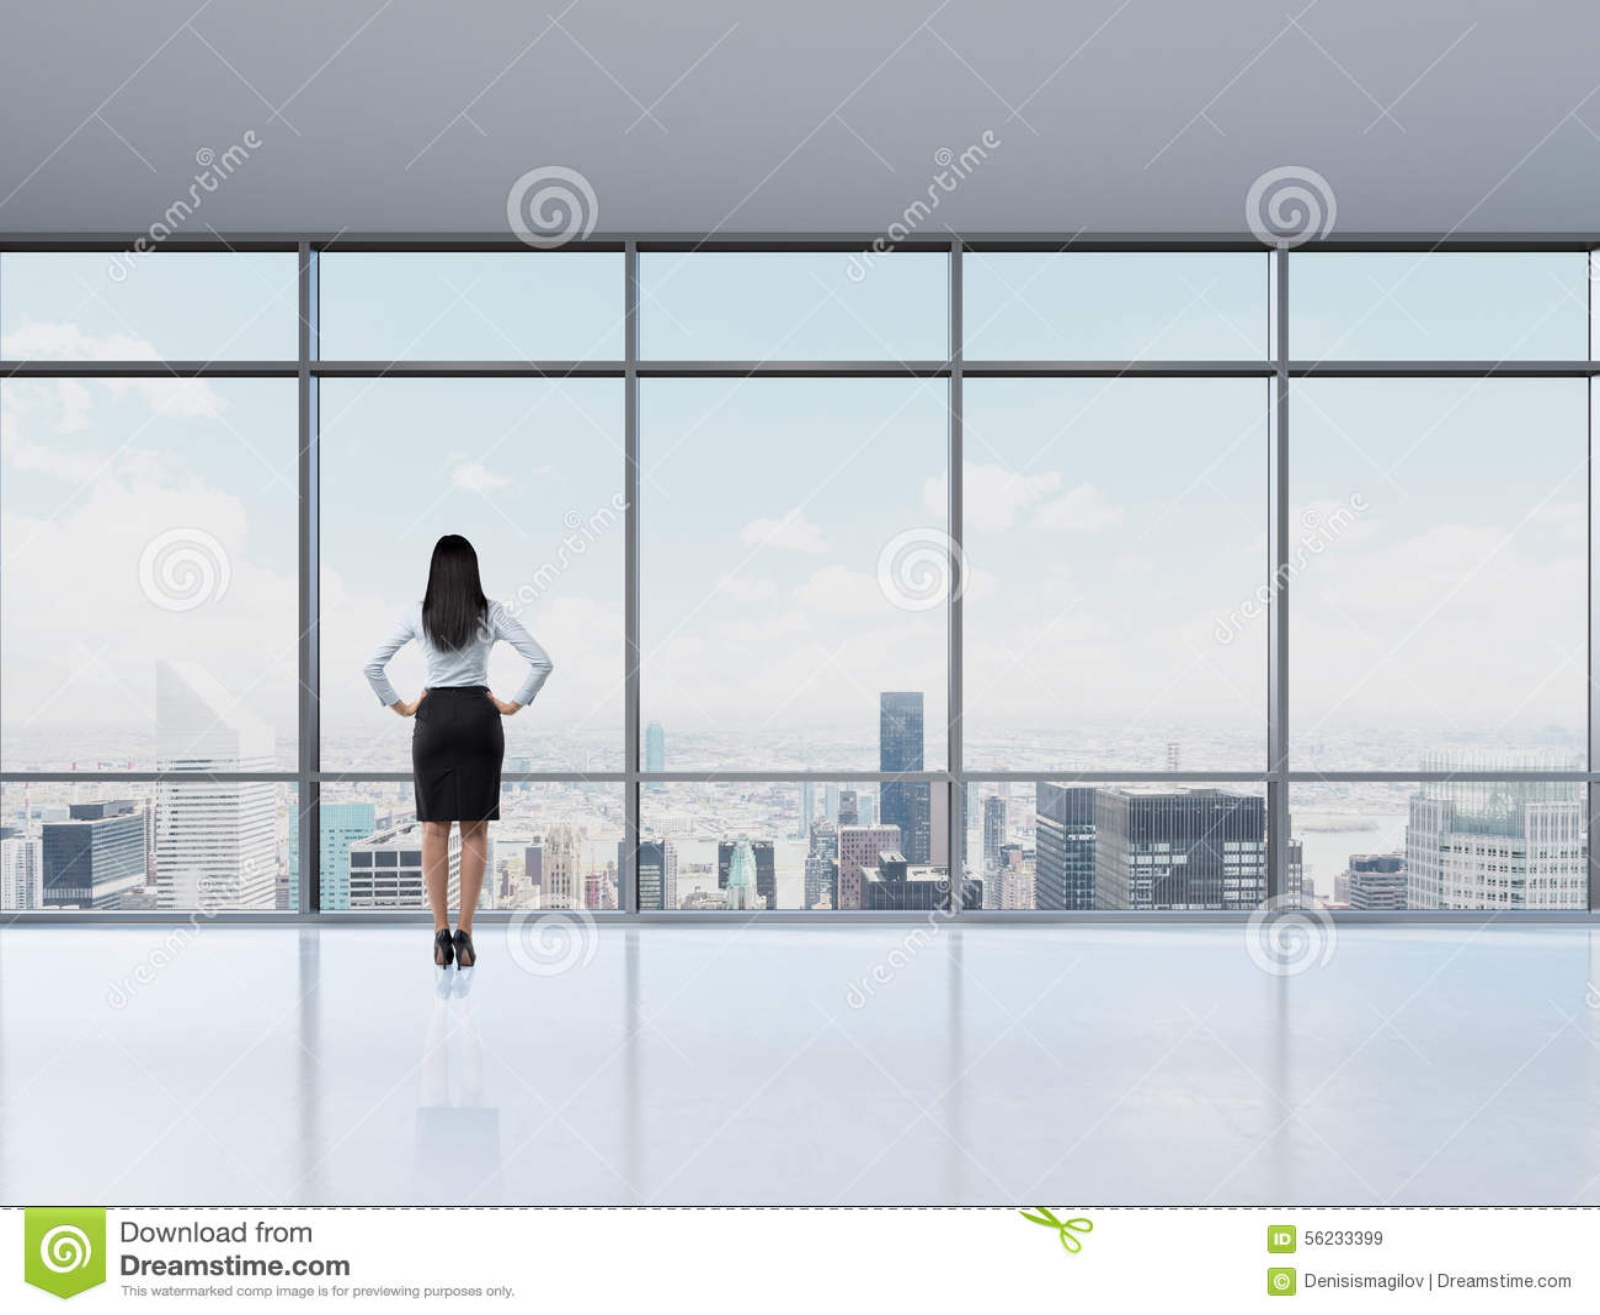 Vue arrière de femme de brune dans le bureau qui regarde par la fenêtre